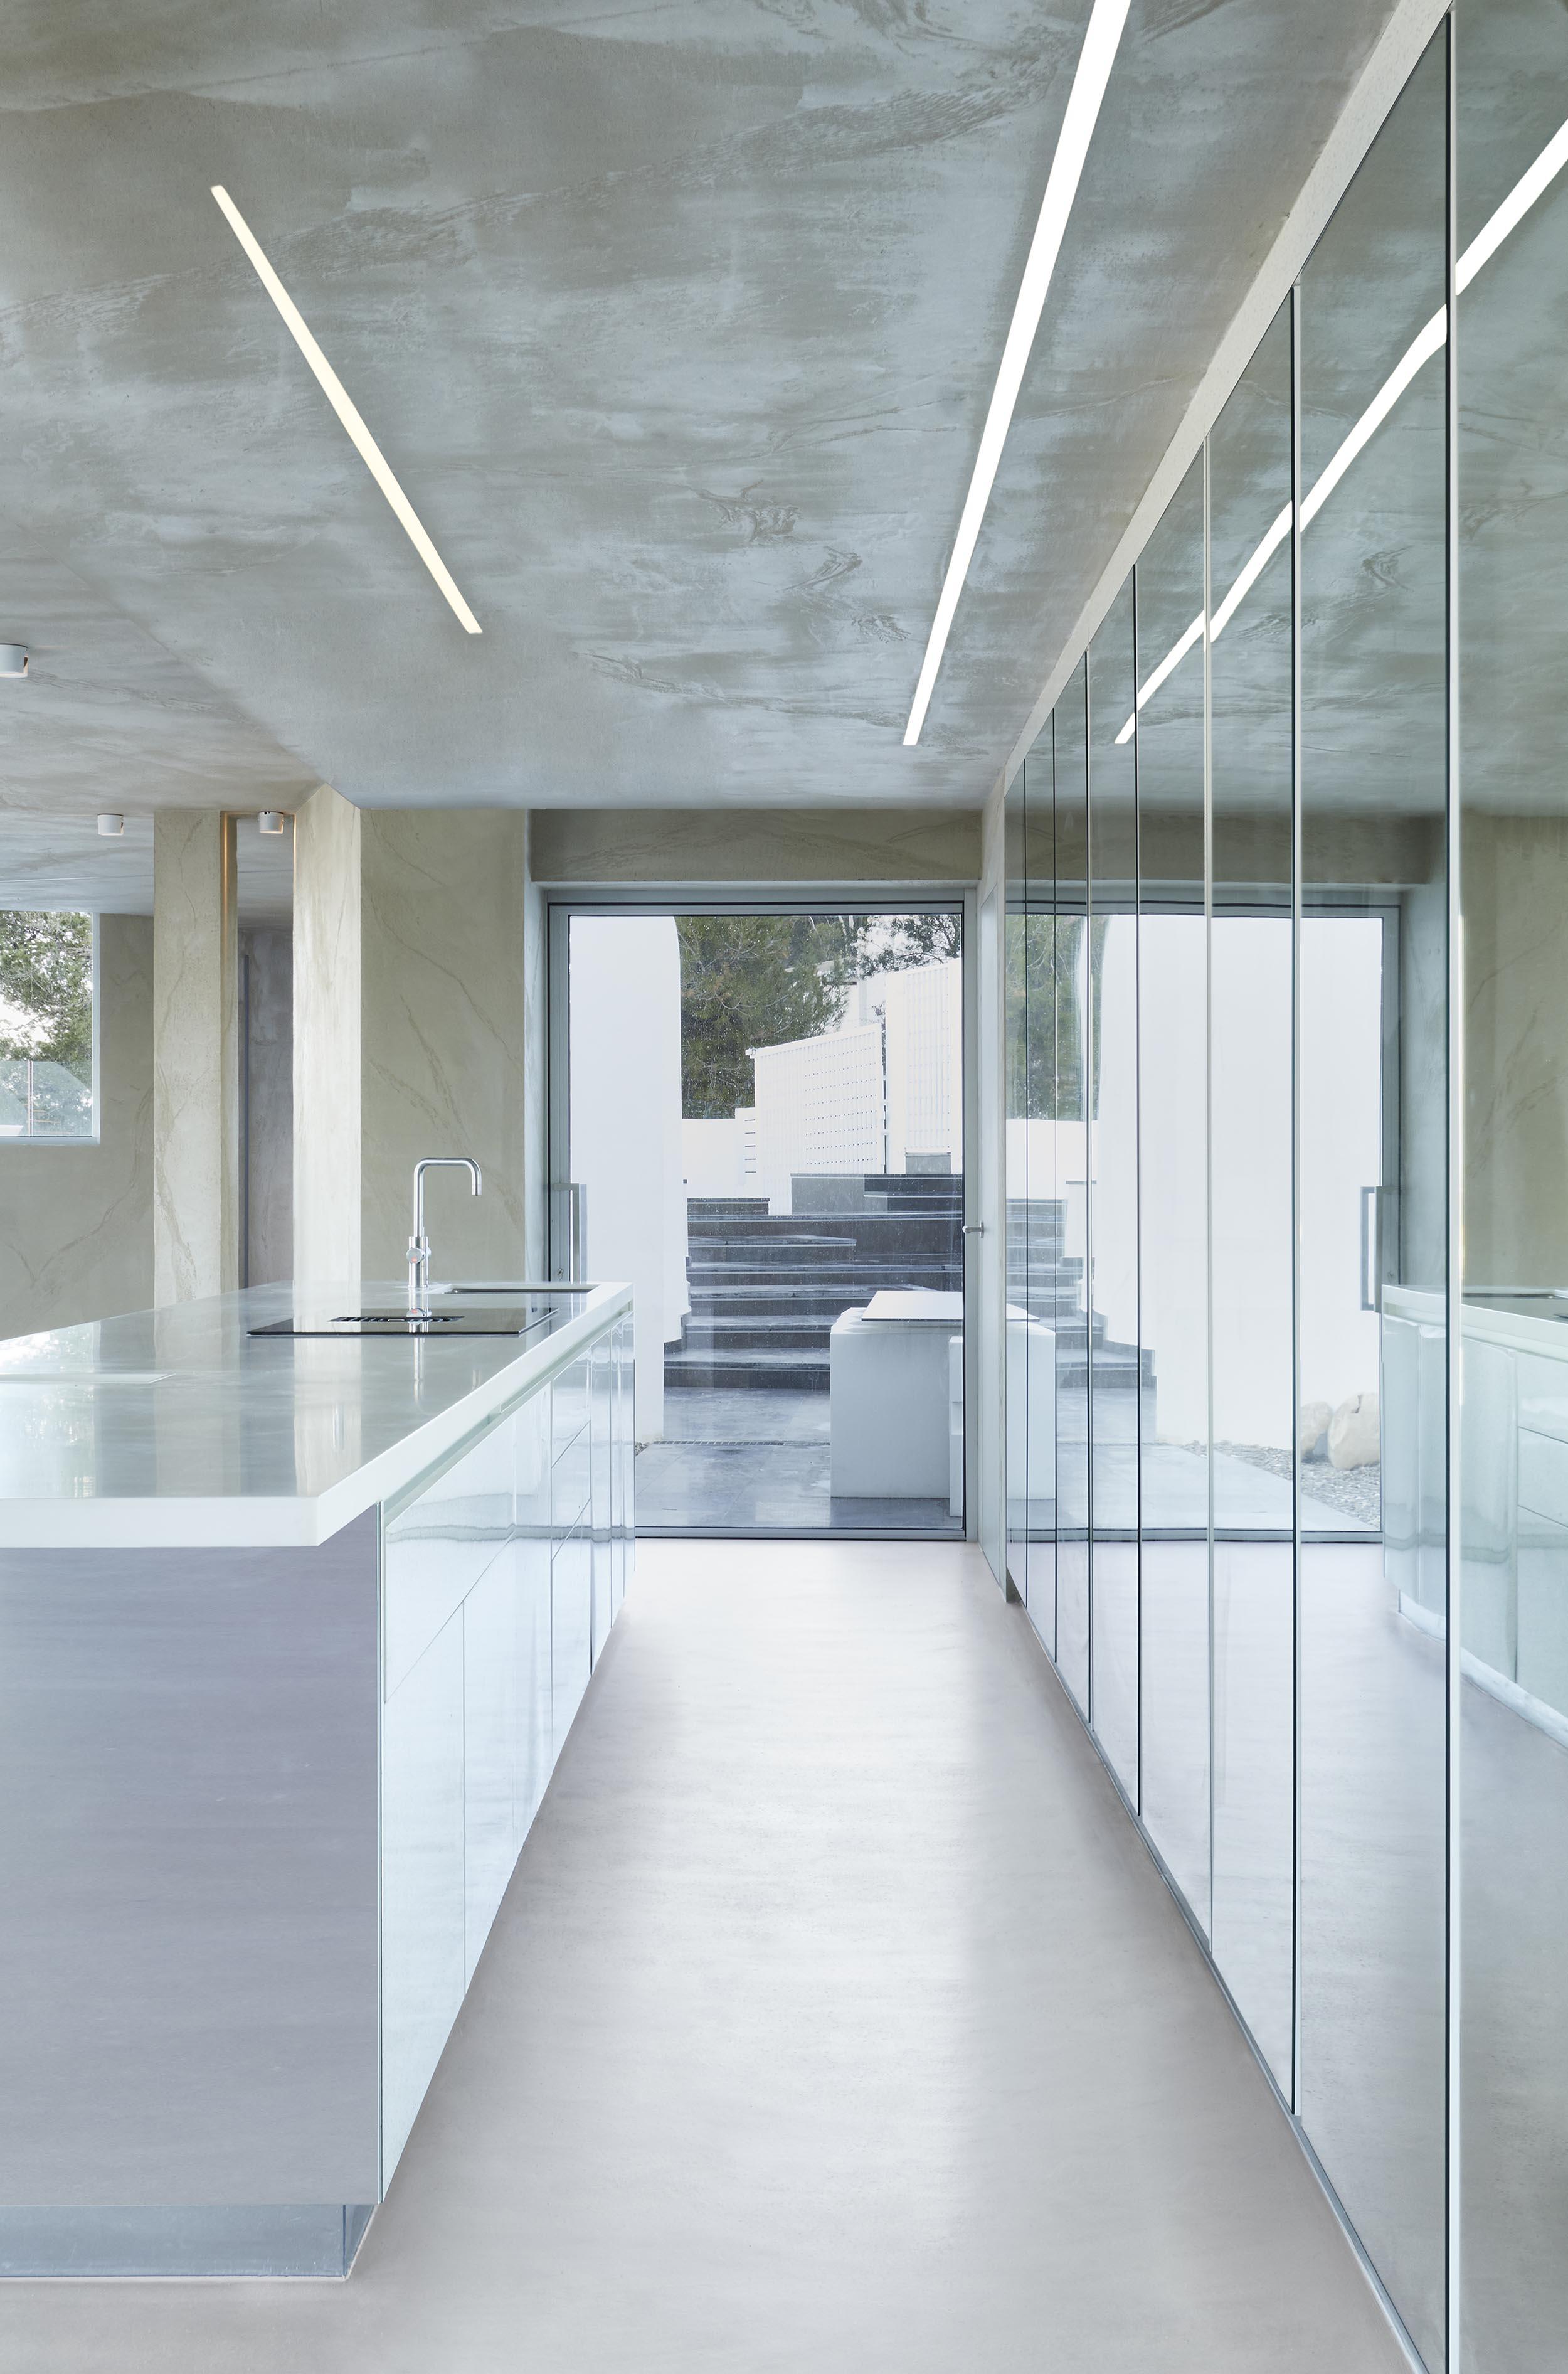 Los arquitectos minimalistas a lo largo de la historia - Minimal Studio